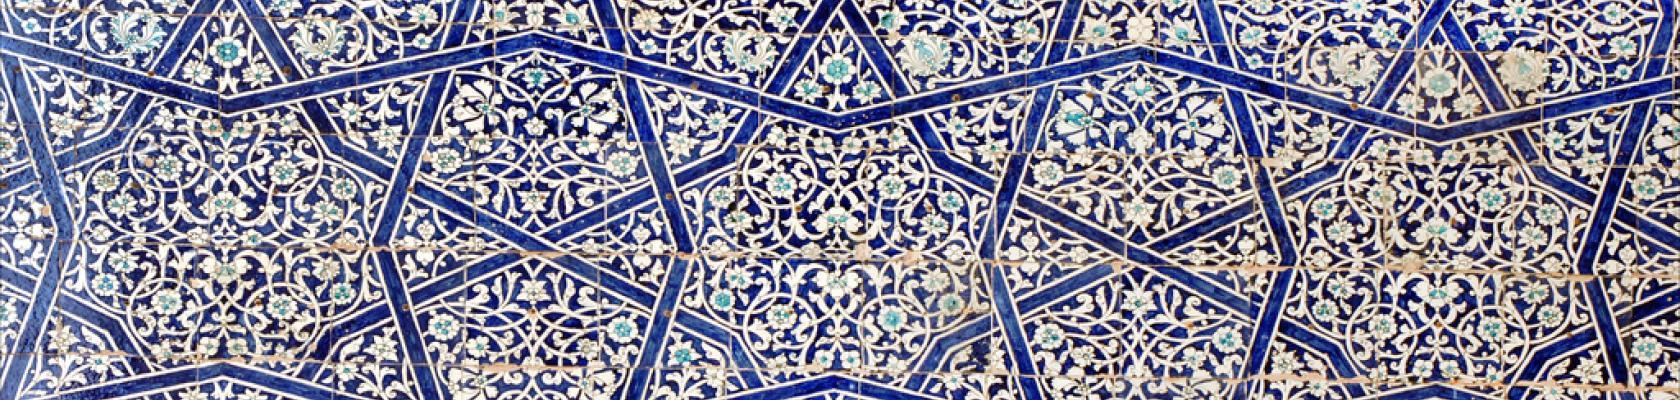 Décor de l'iwan de la Kurinish Khana (Khiva, Ouzbékistan)